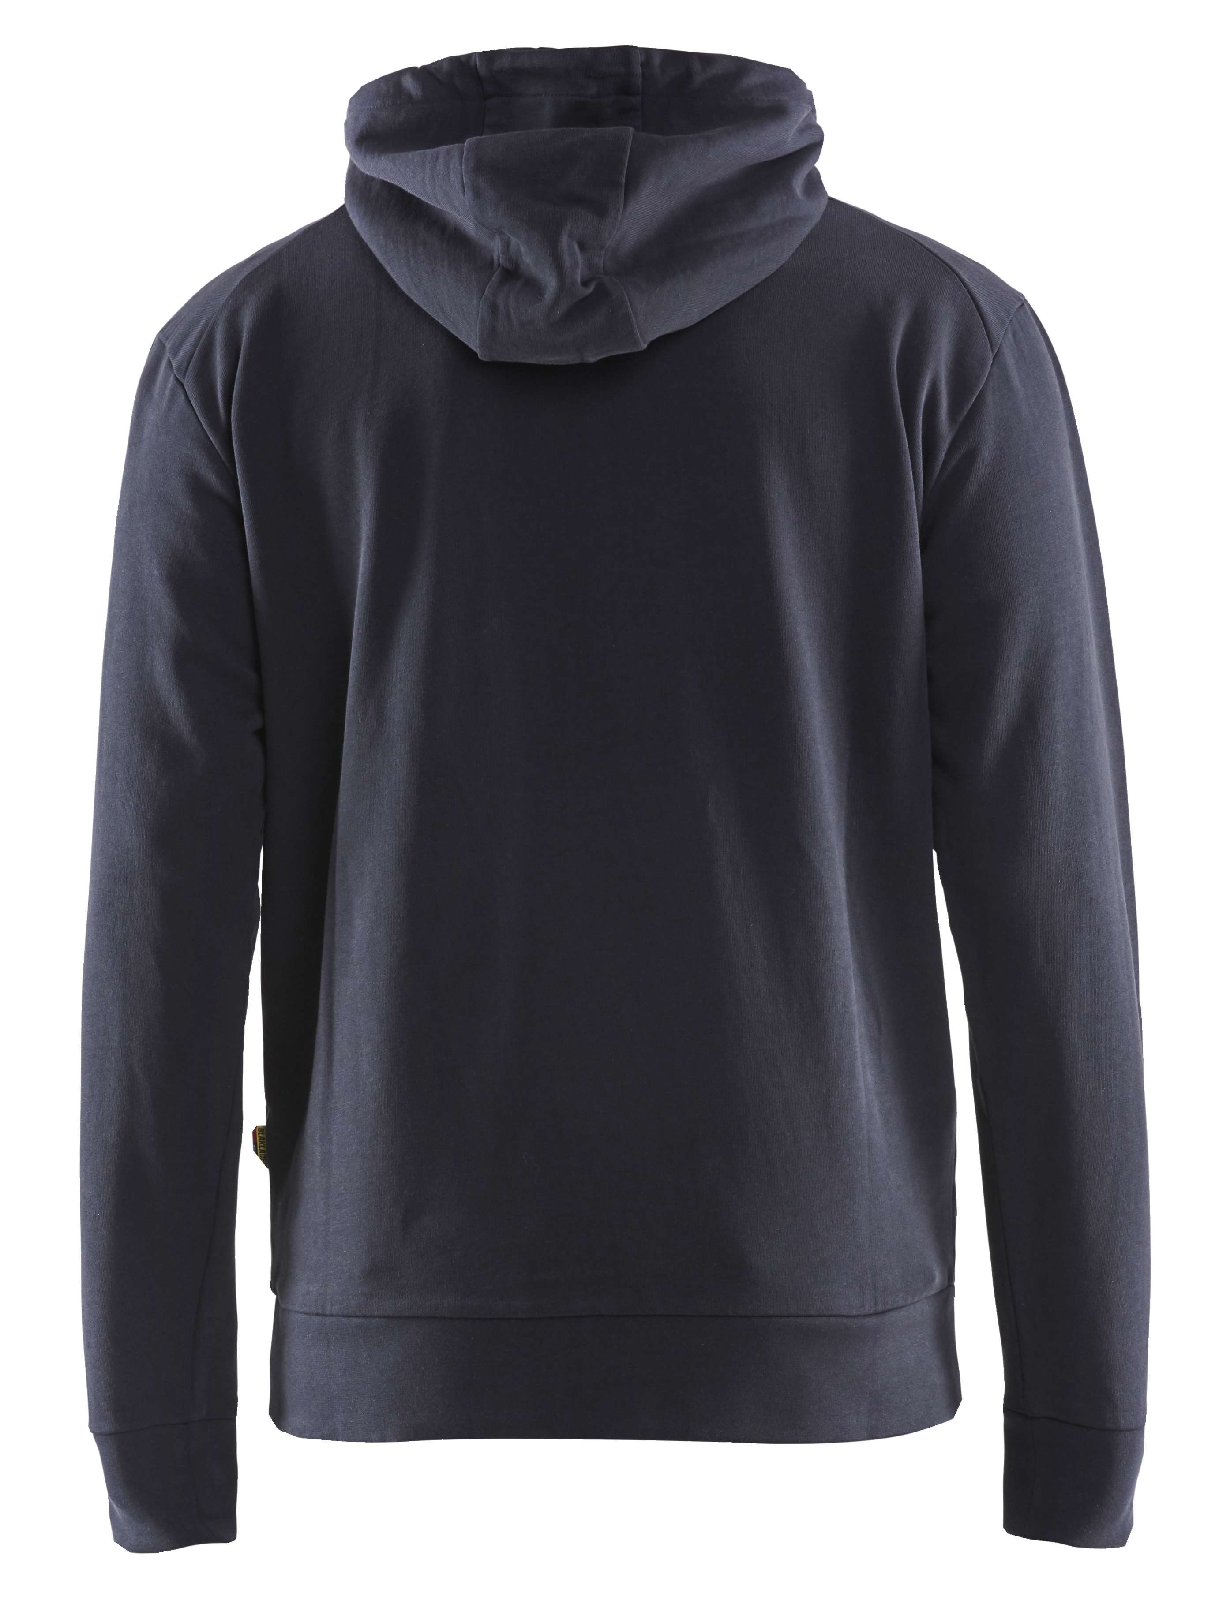 Blaklader sweatershirts 35301158 donker marineblauw(8600)